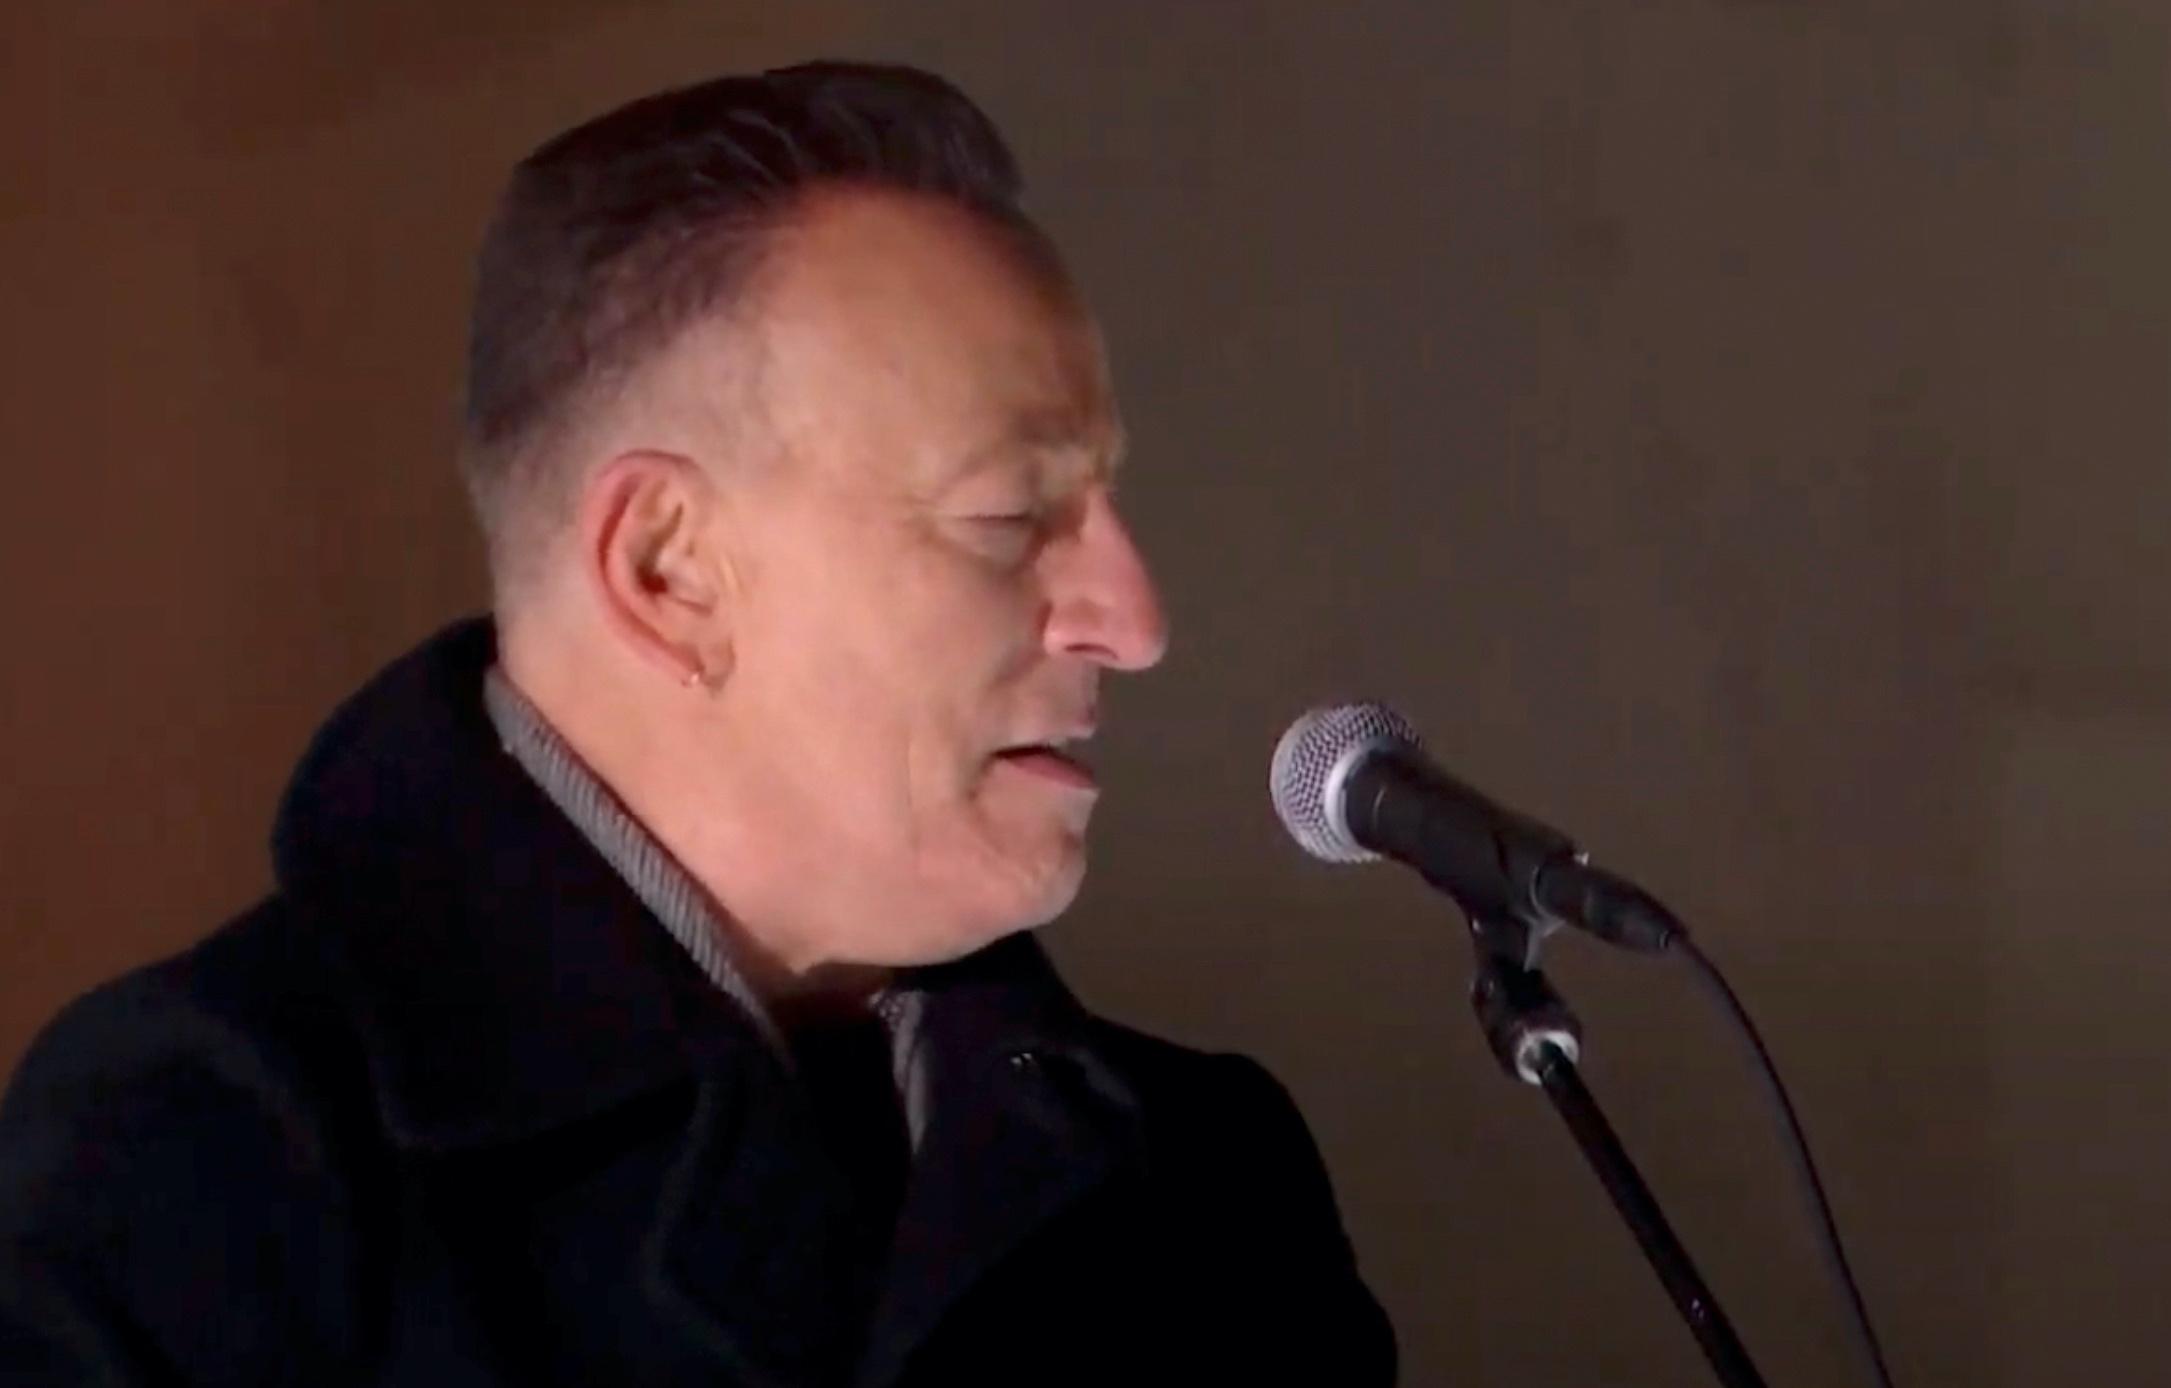 Συνελήφθη ο Μπρους Σπρίνγκστιν